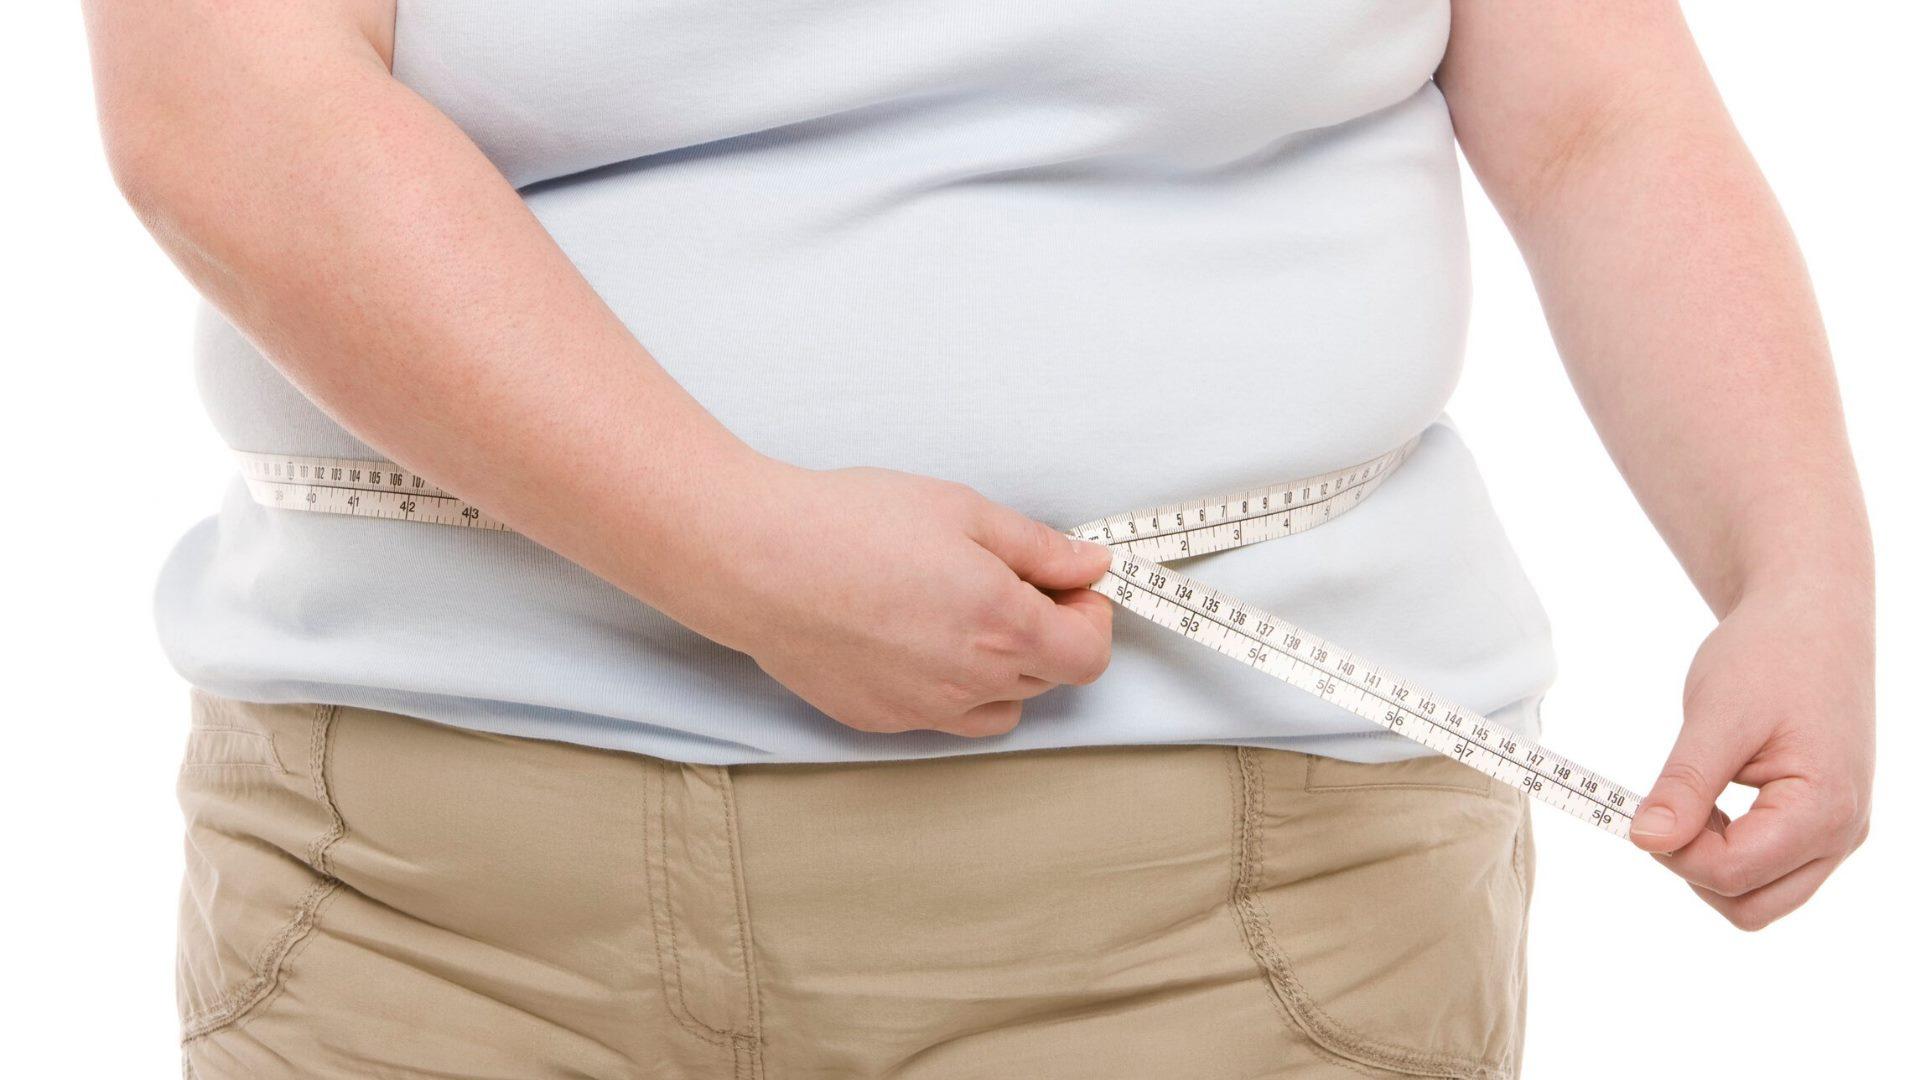 Tratamientos eficaces contra la obesidad